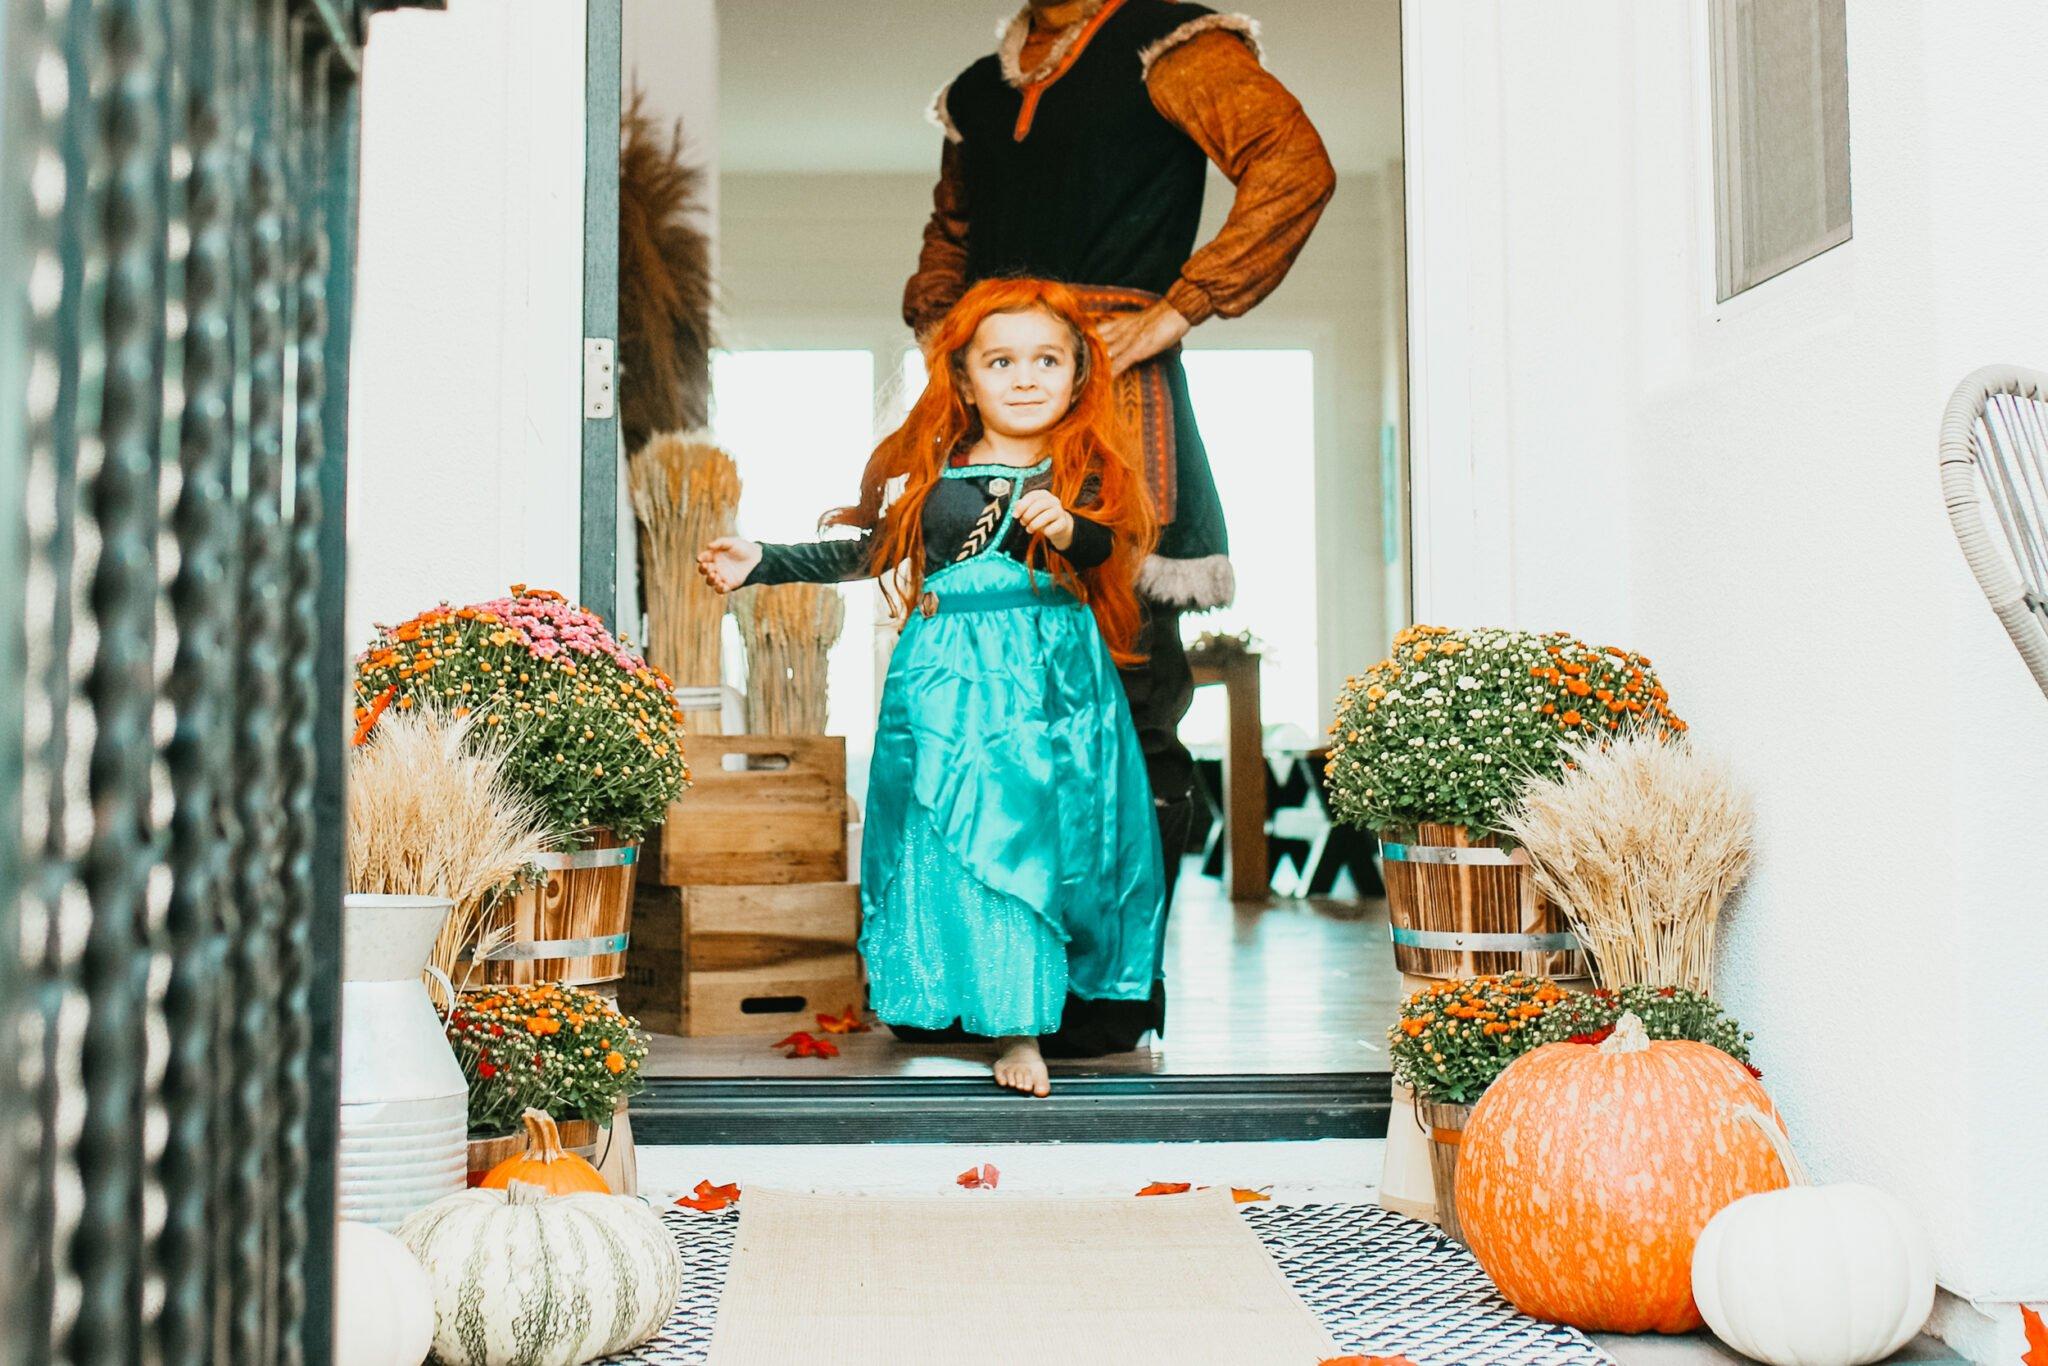 child dressed in costume